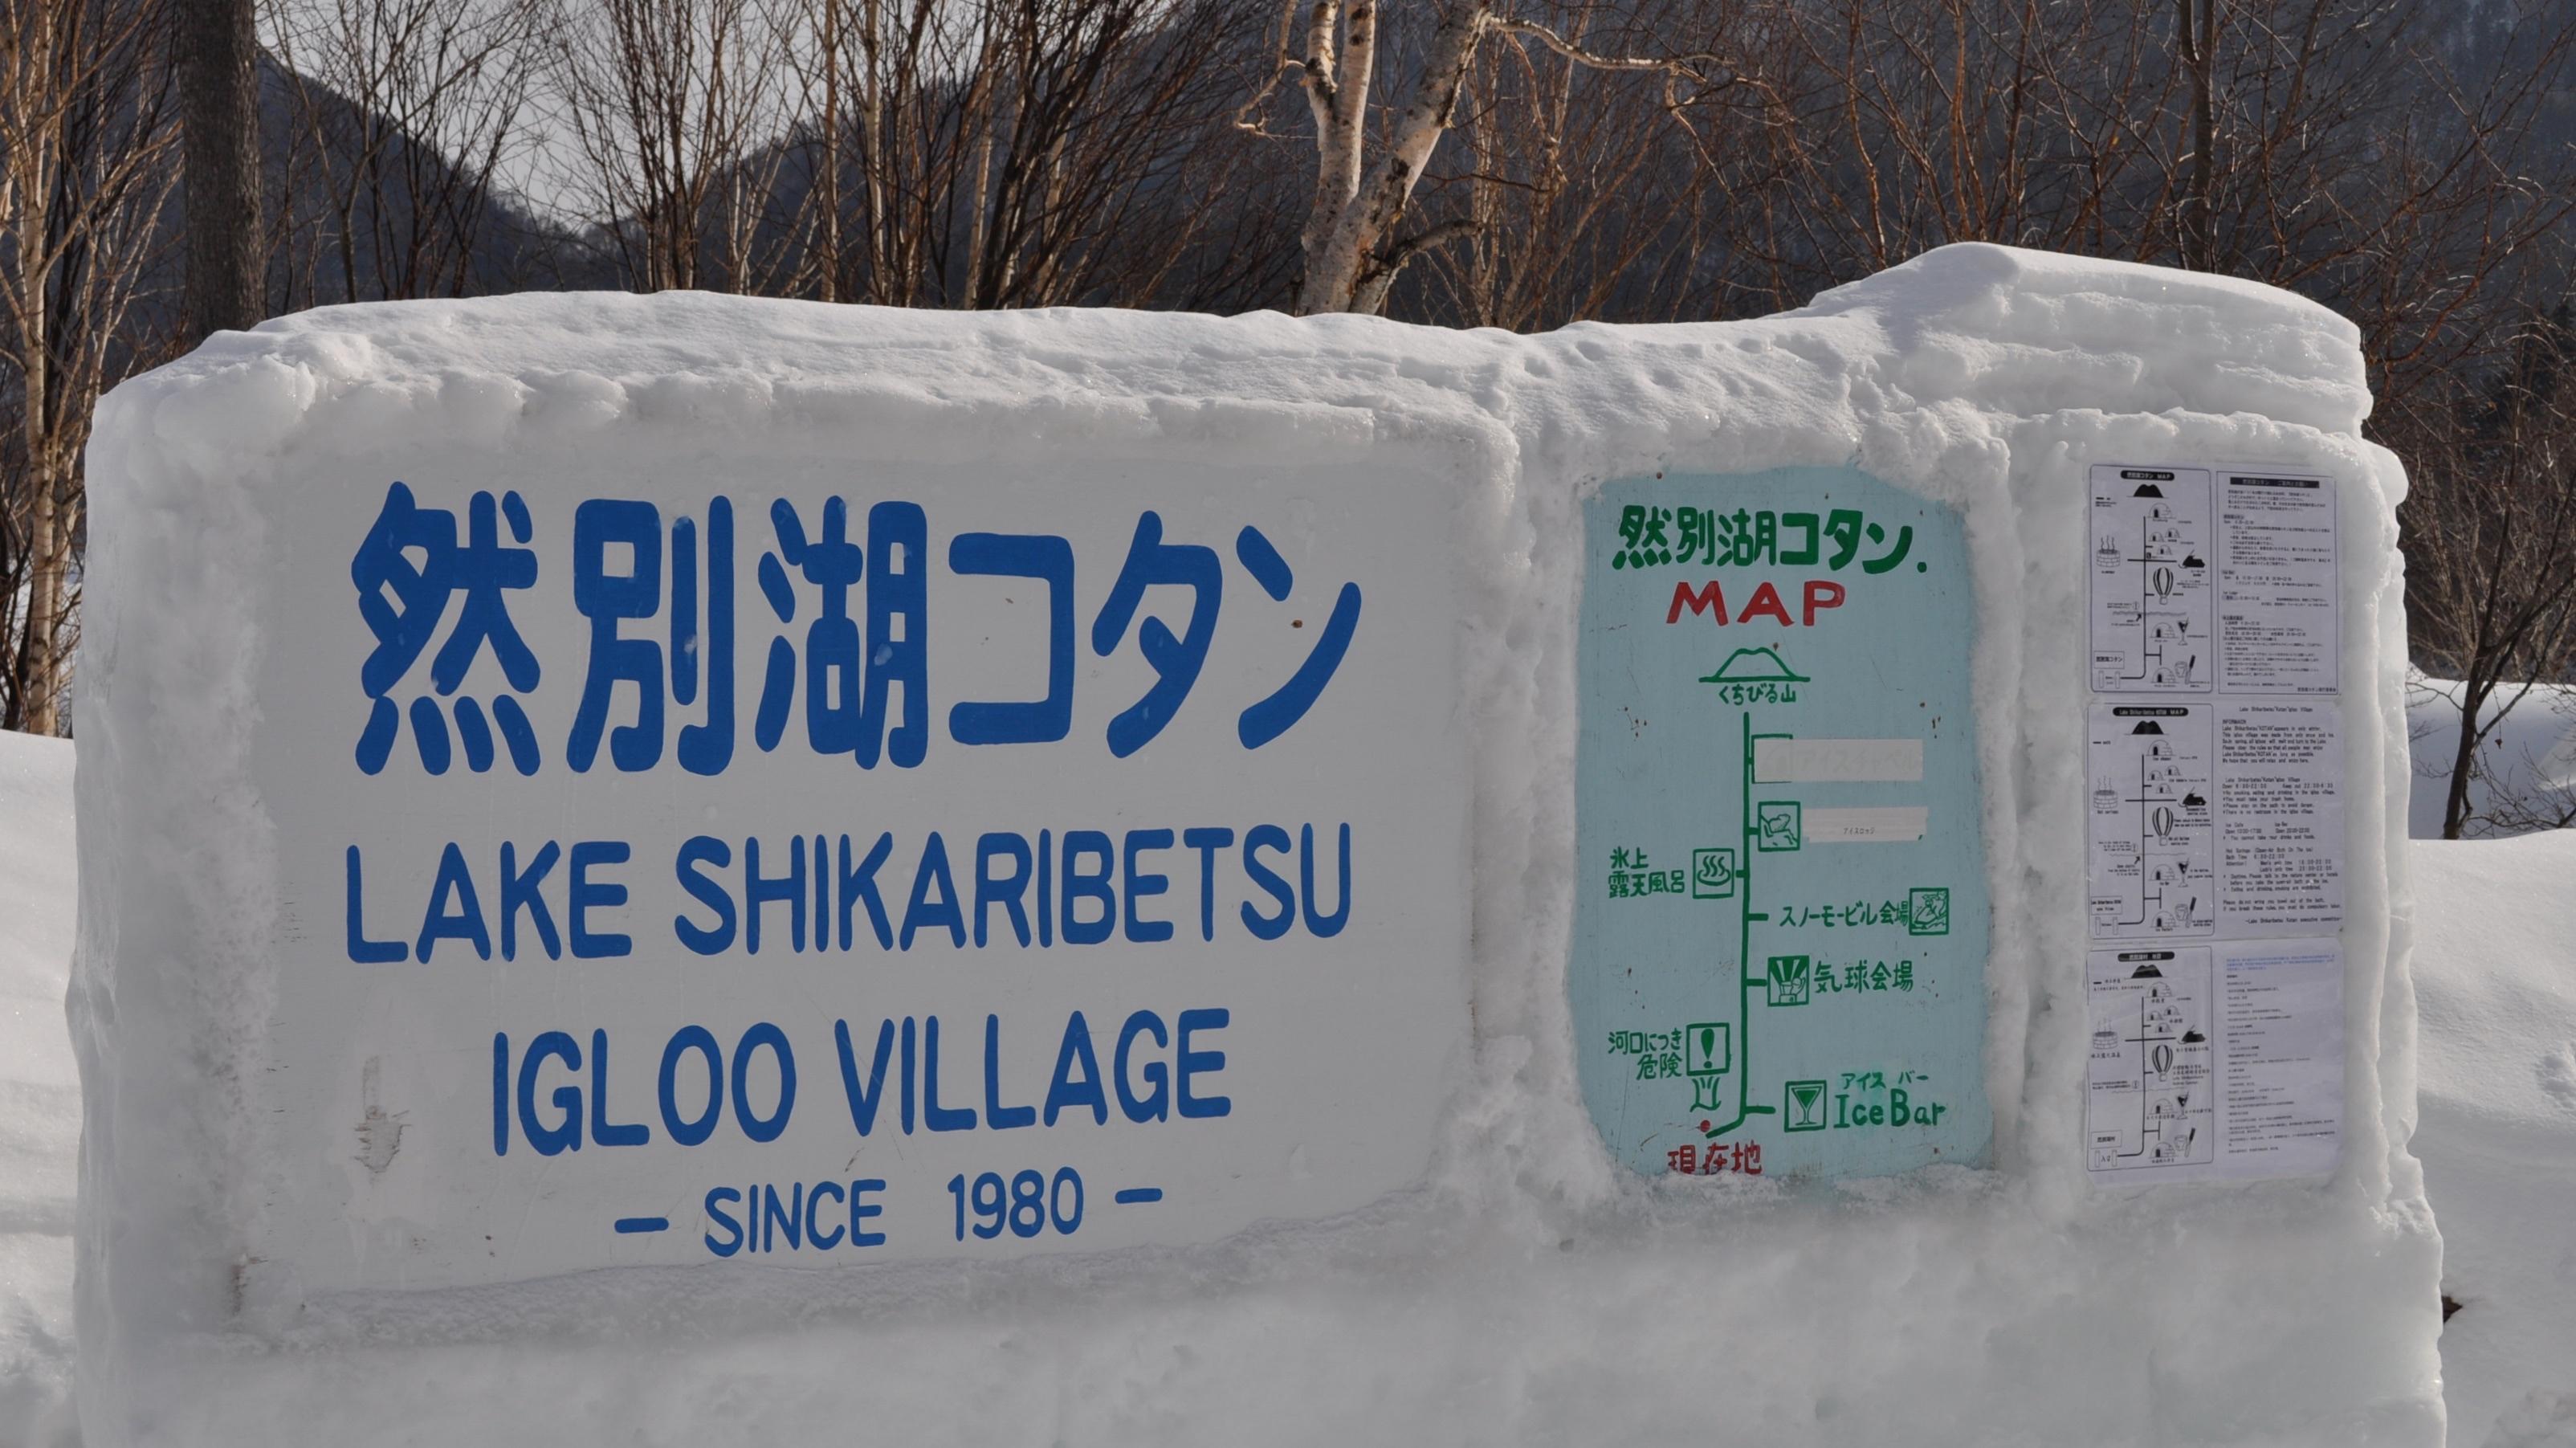 Shikaribetsu Lake Kotan, Hokkaido